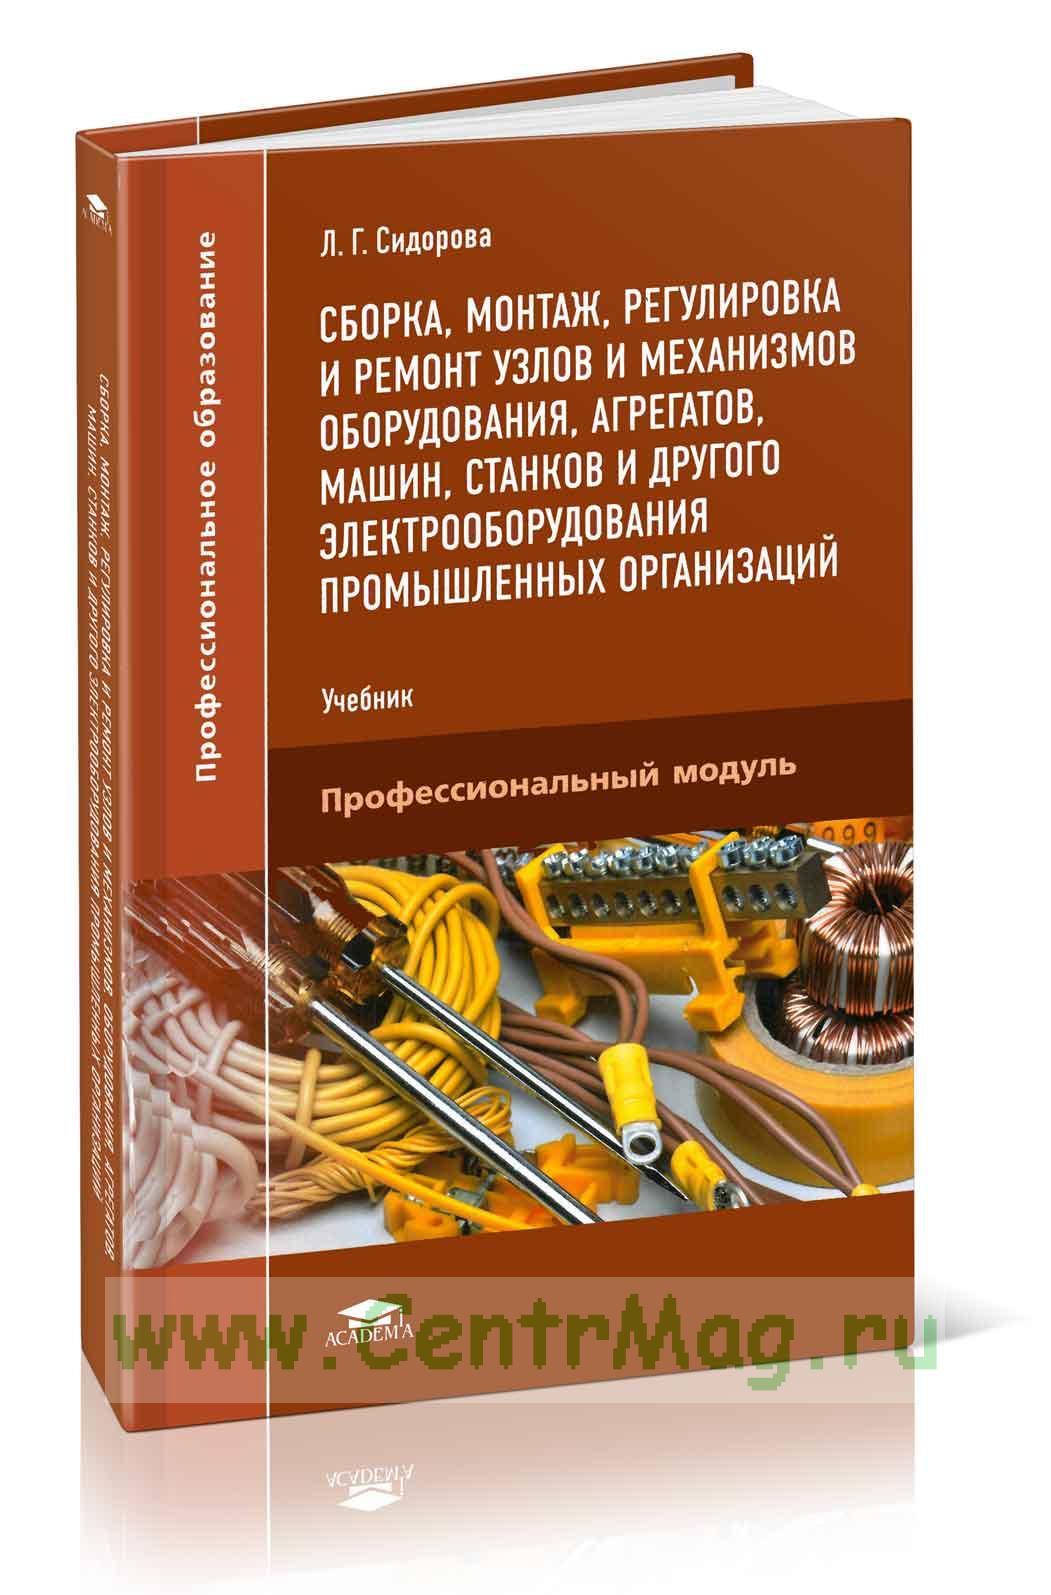 пм 01 техническое обслуживание оборудования электрических подстанций и сетей